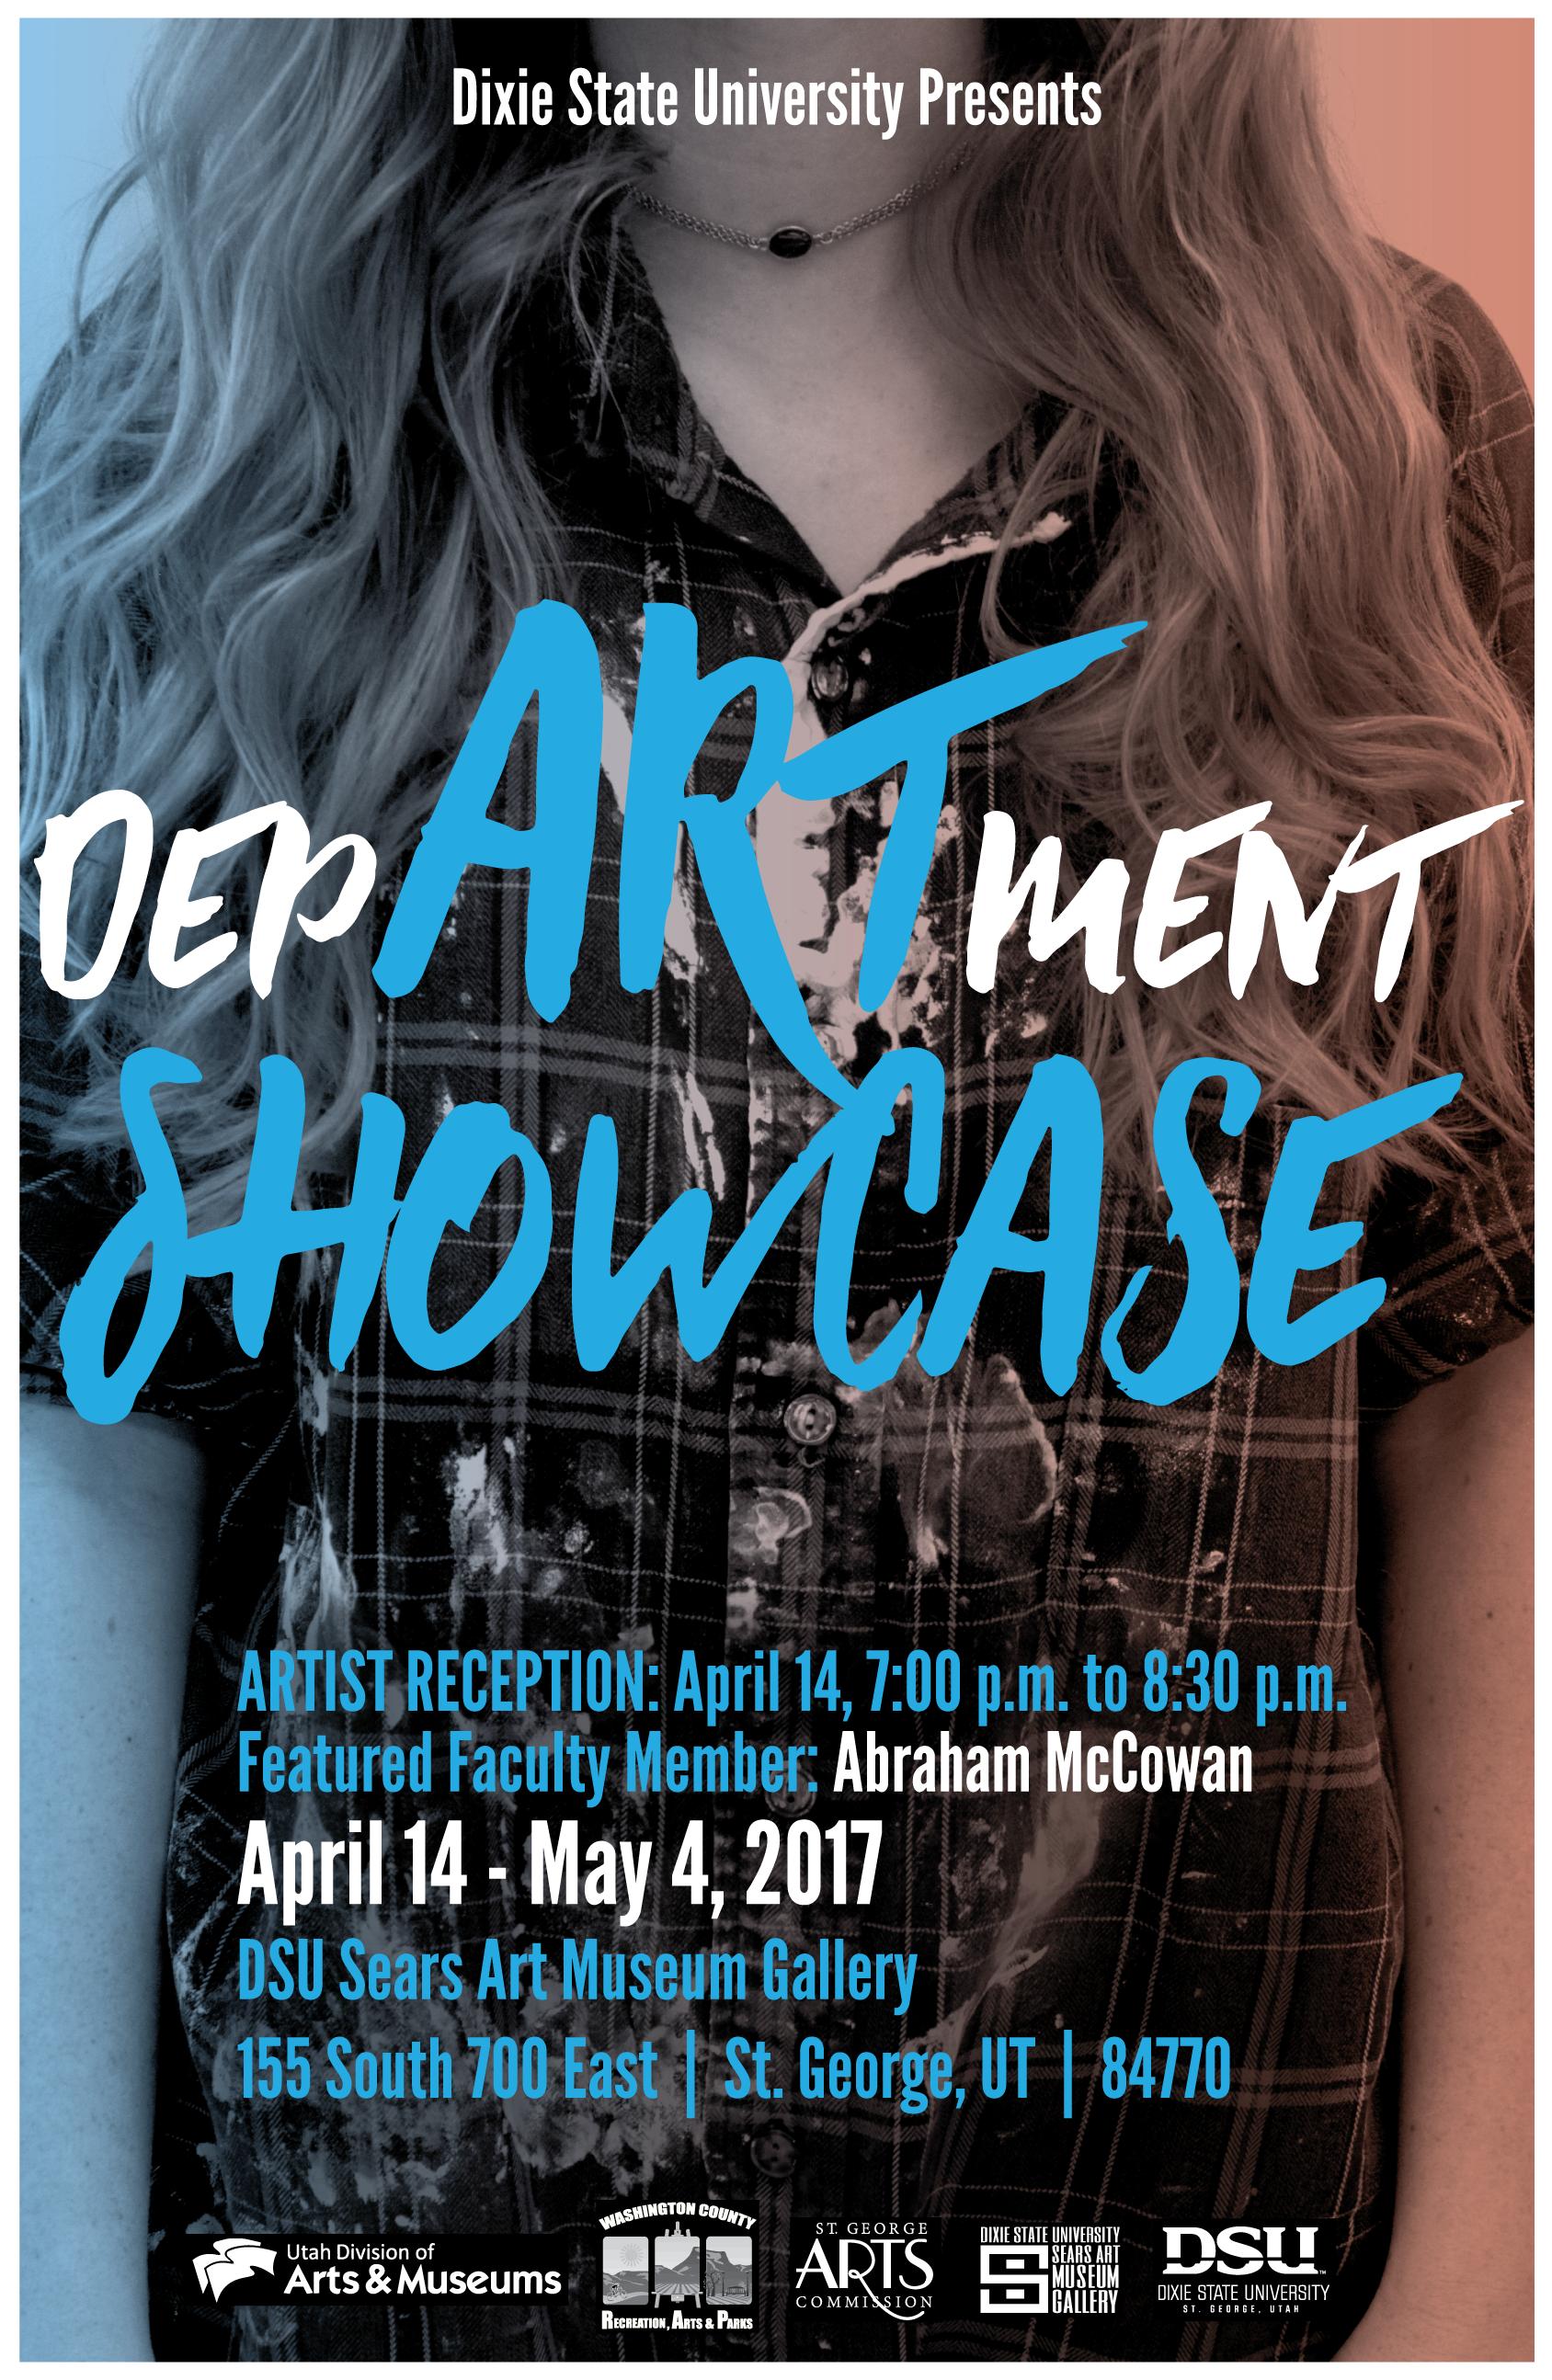 Art Department Showcase